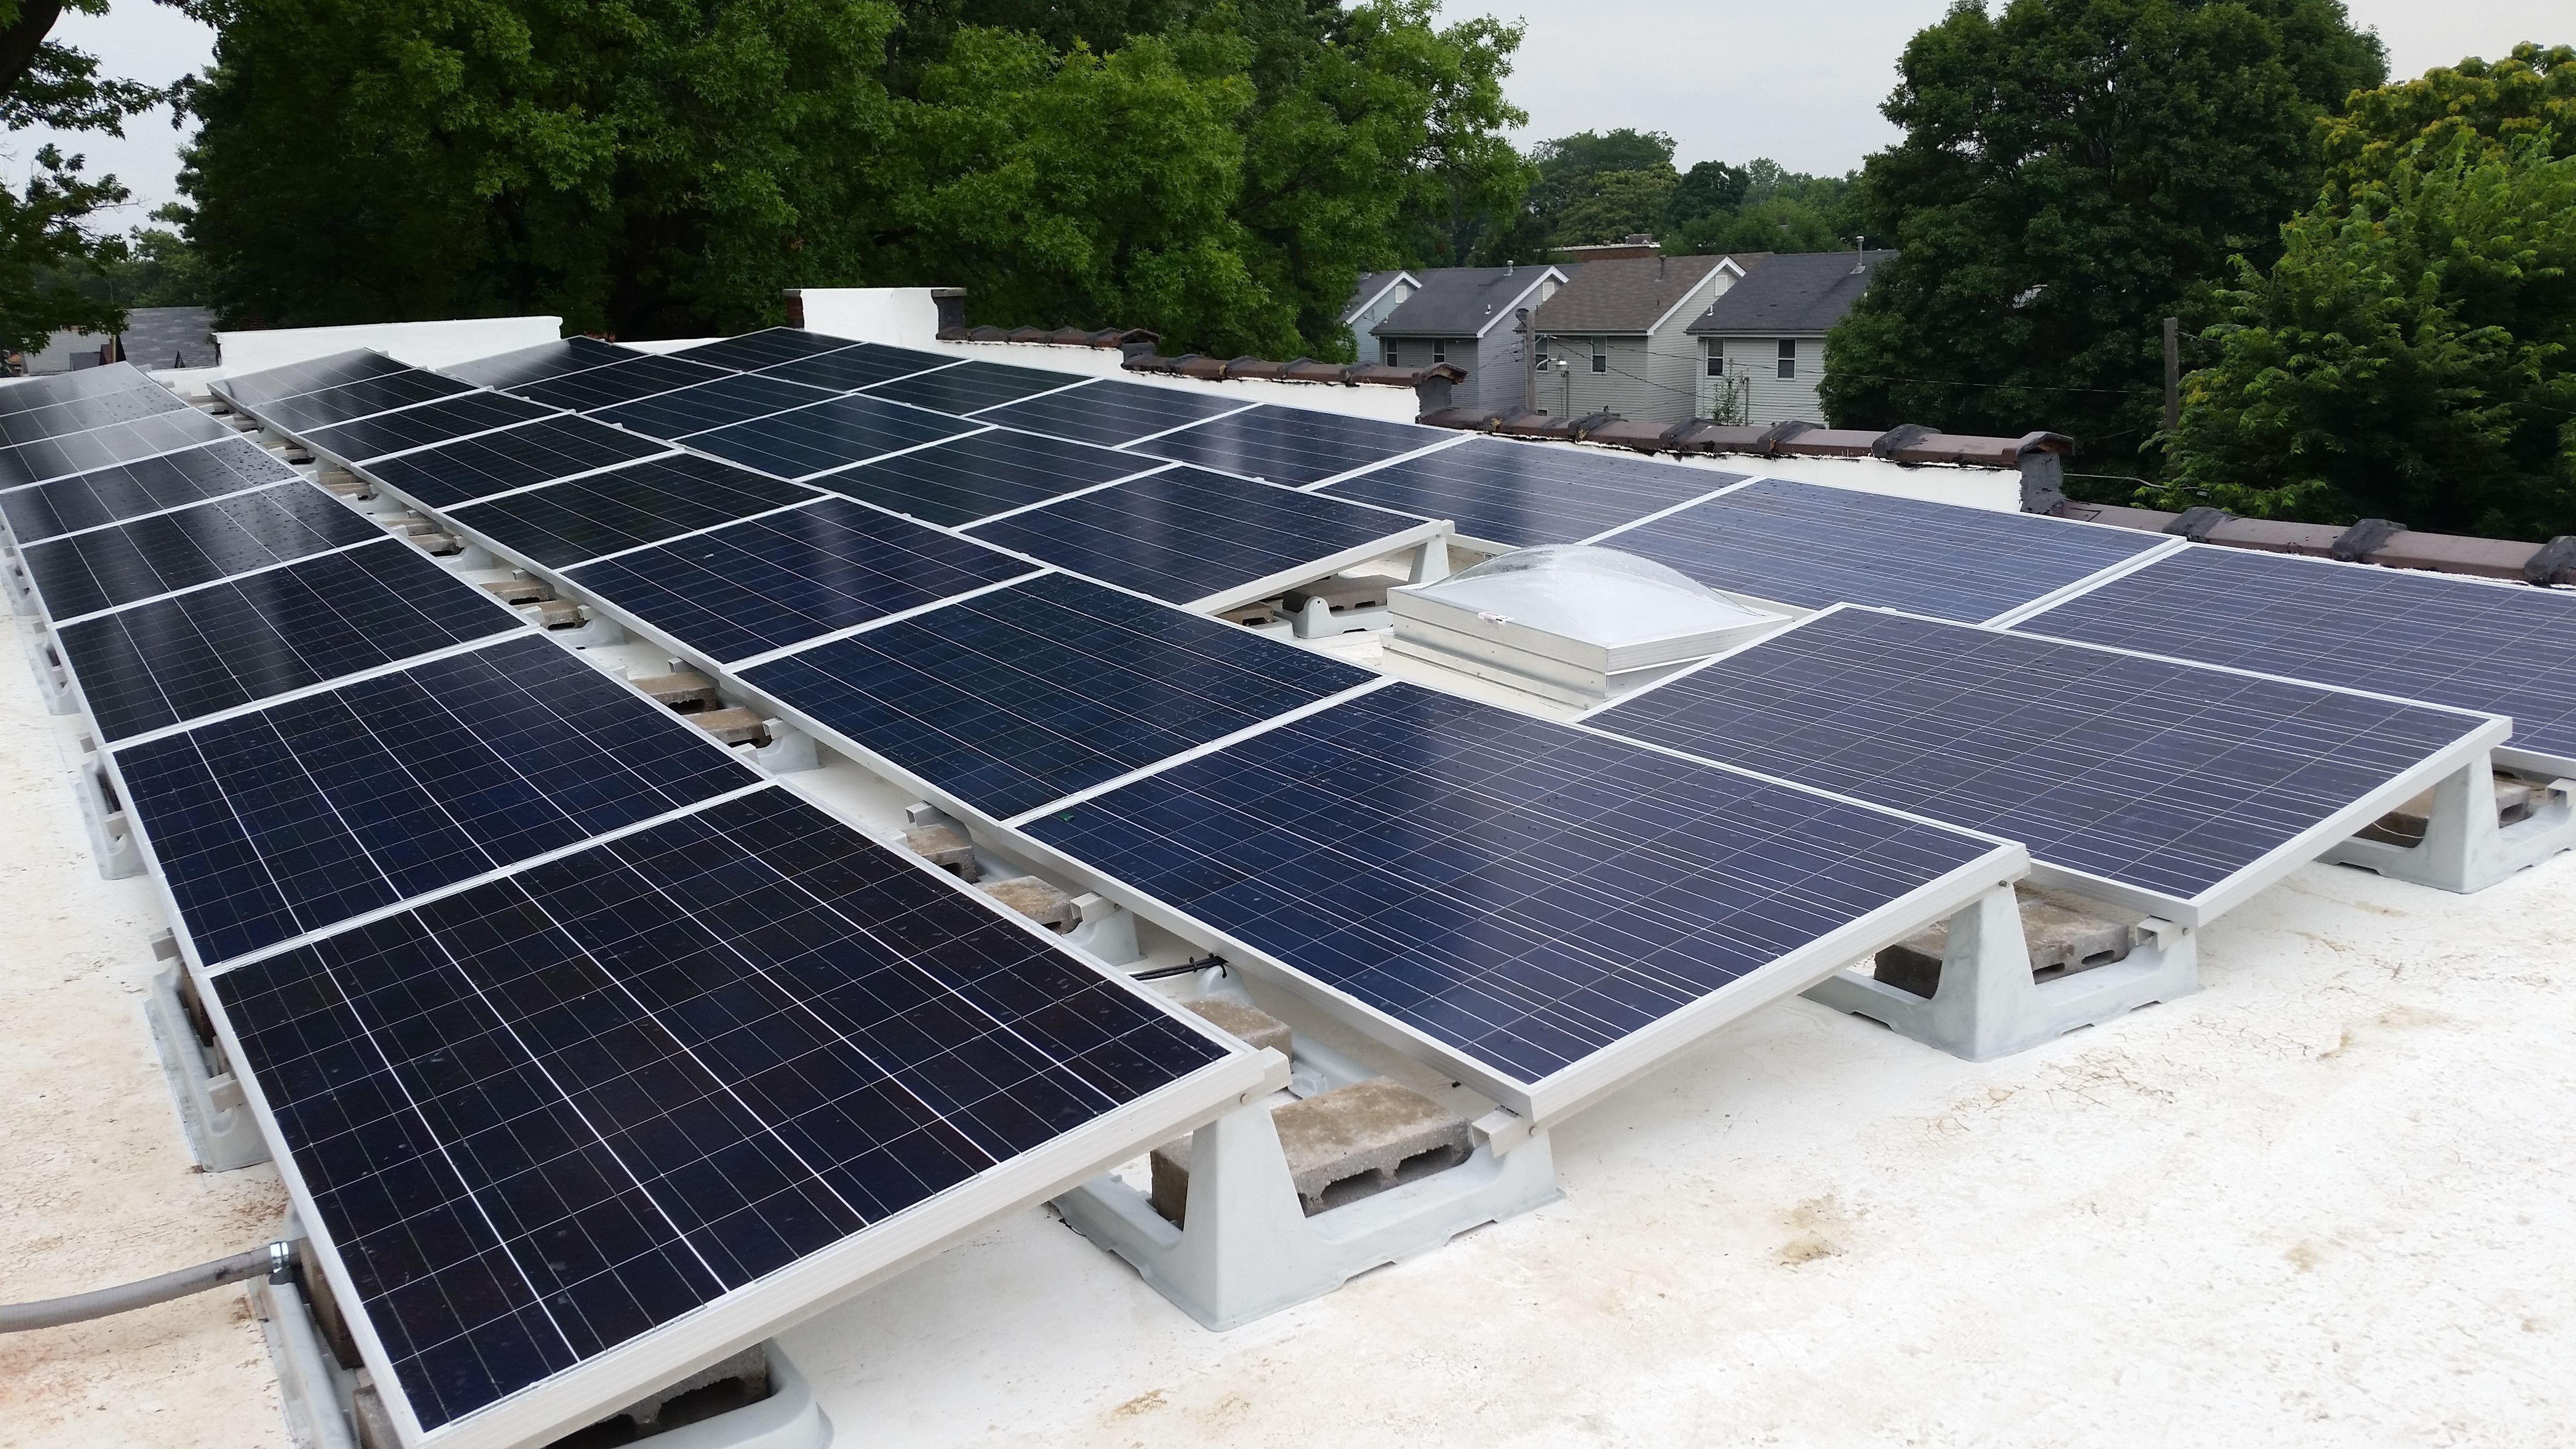 Flat Roofed Residential Array Near Tower Grove In St Louis Flachdach Solar Dach